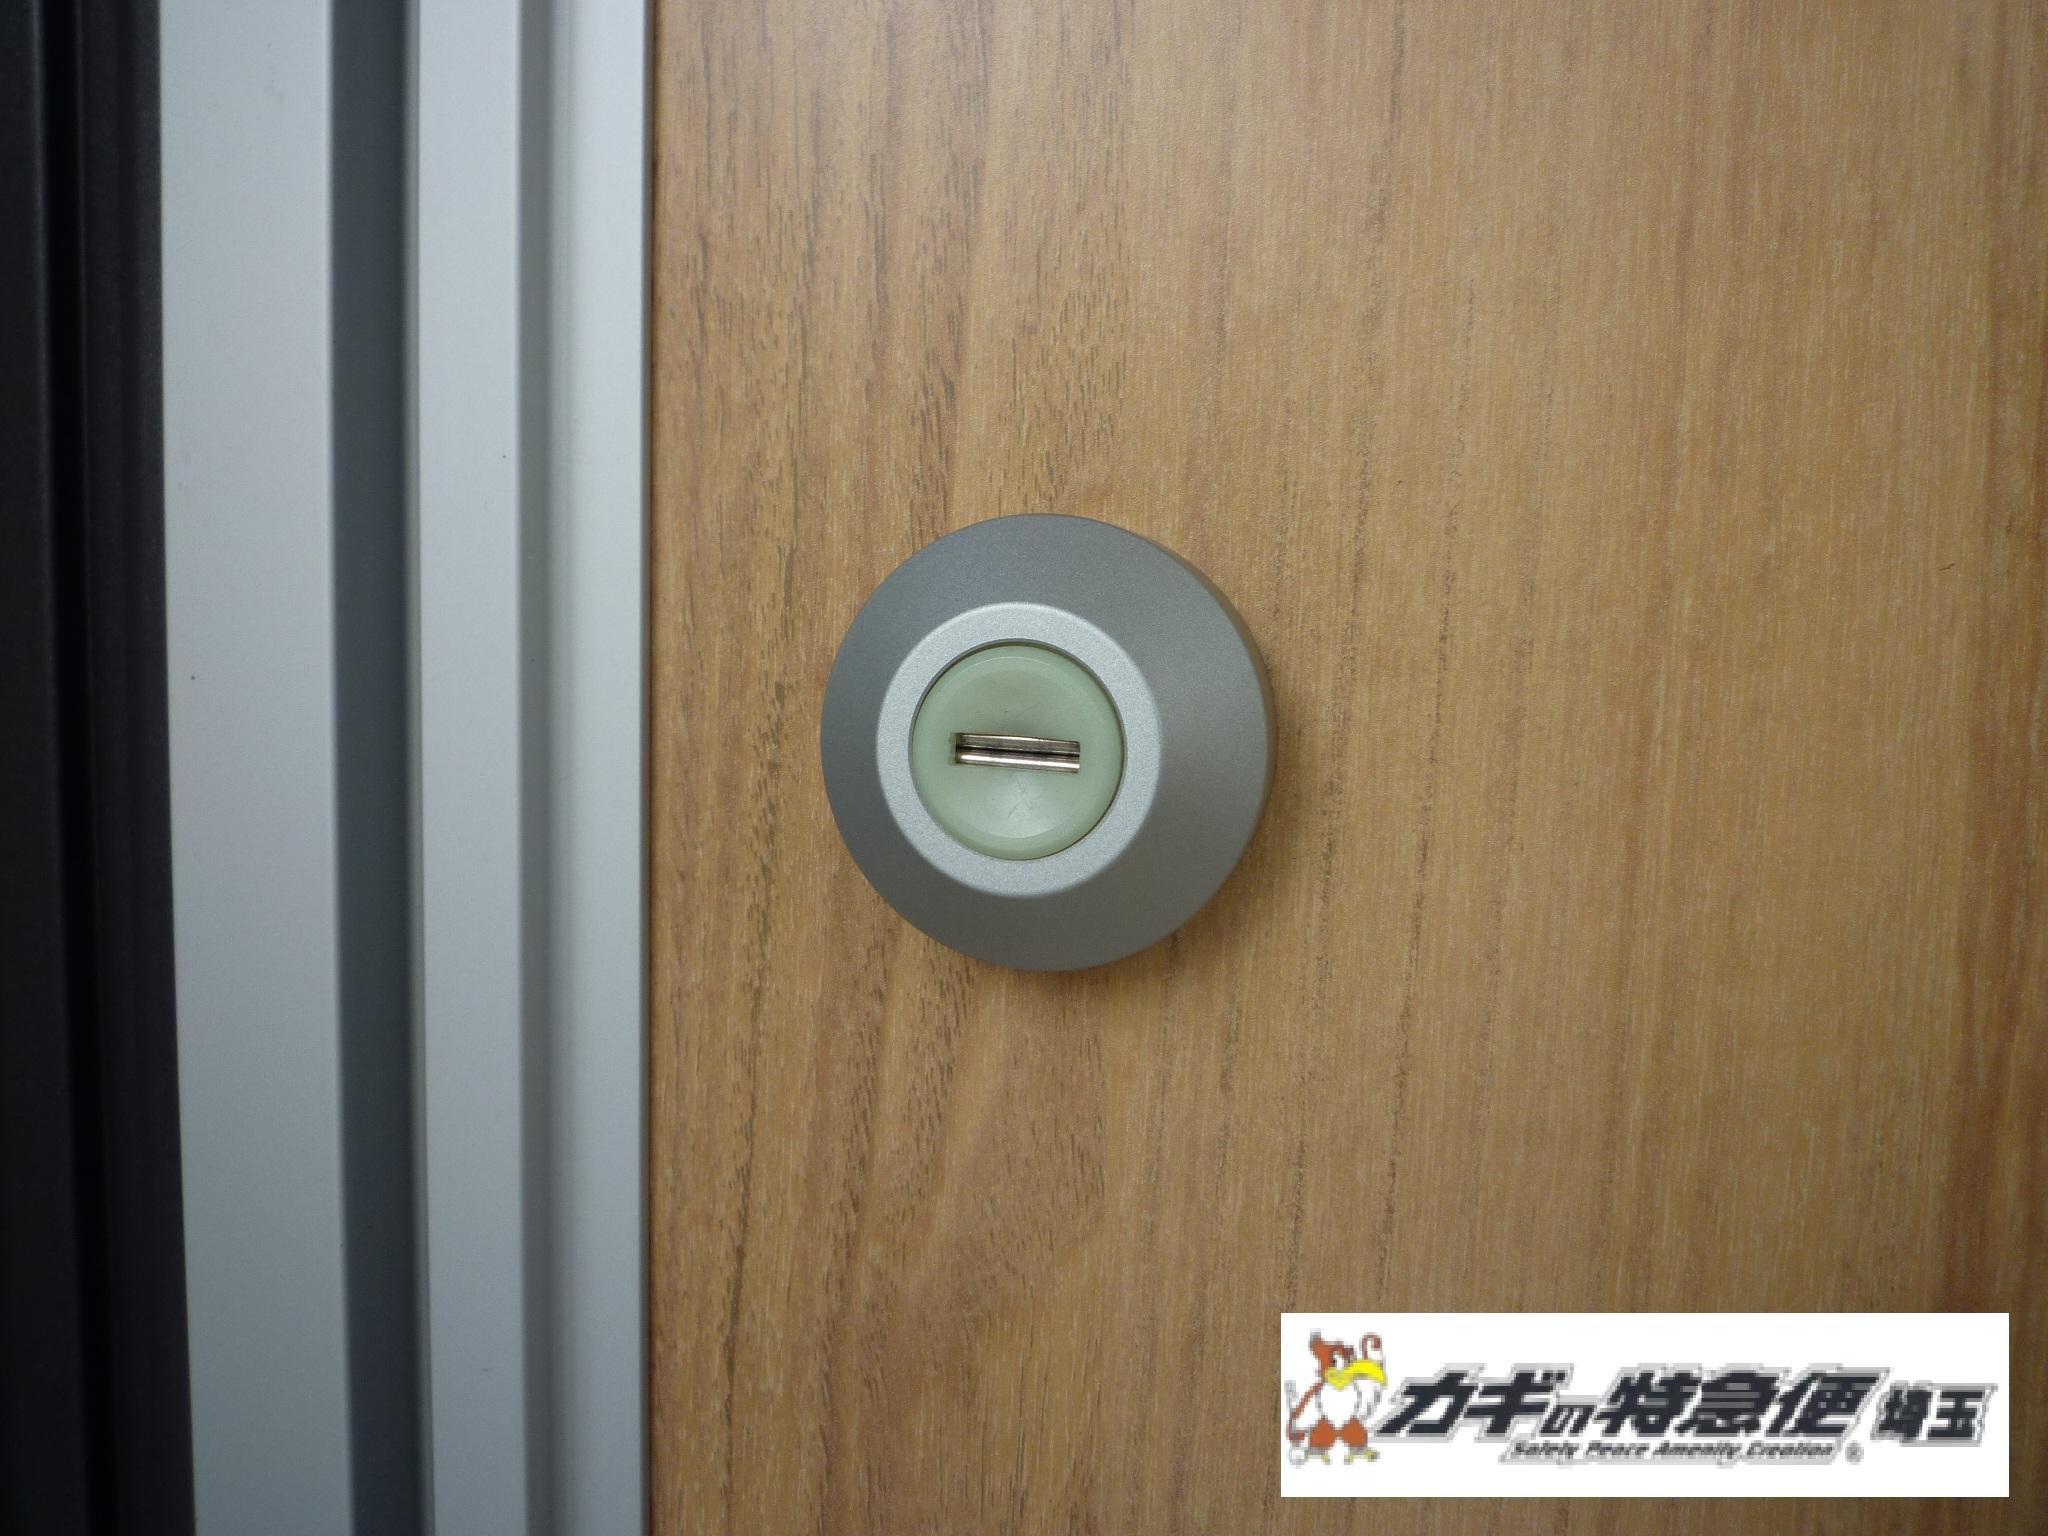 鍵交換(メーカー取寄せ1週間を即日対応!埼玉県さいたま市で鍵交換 MIWA DVFカード錠)